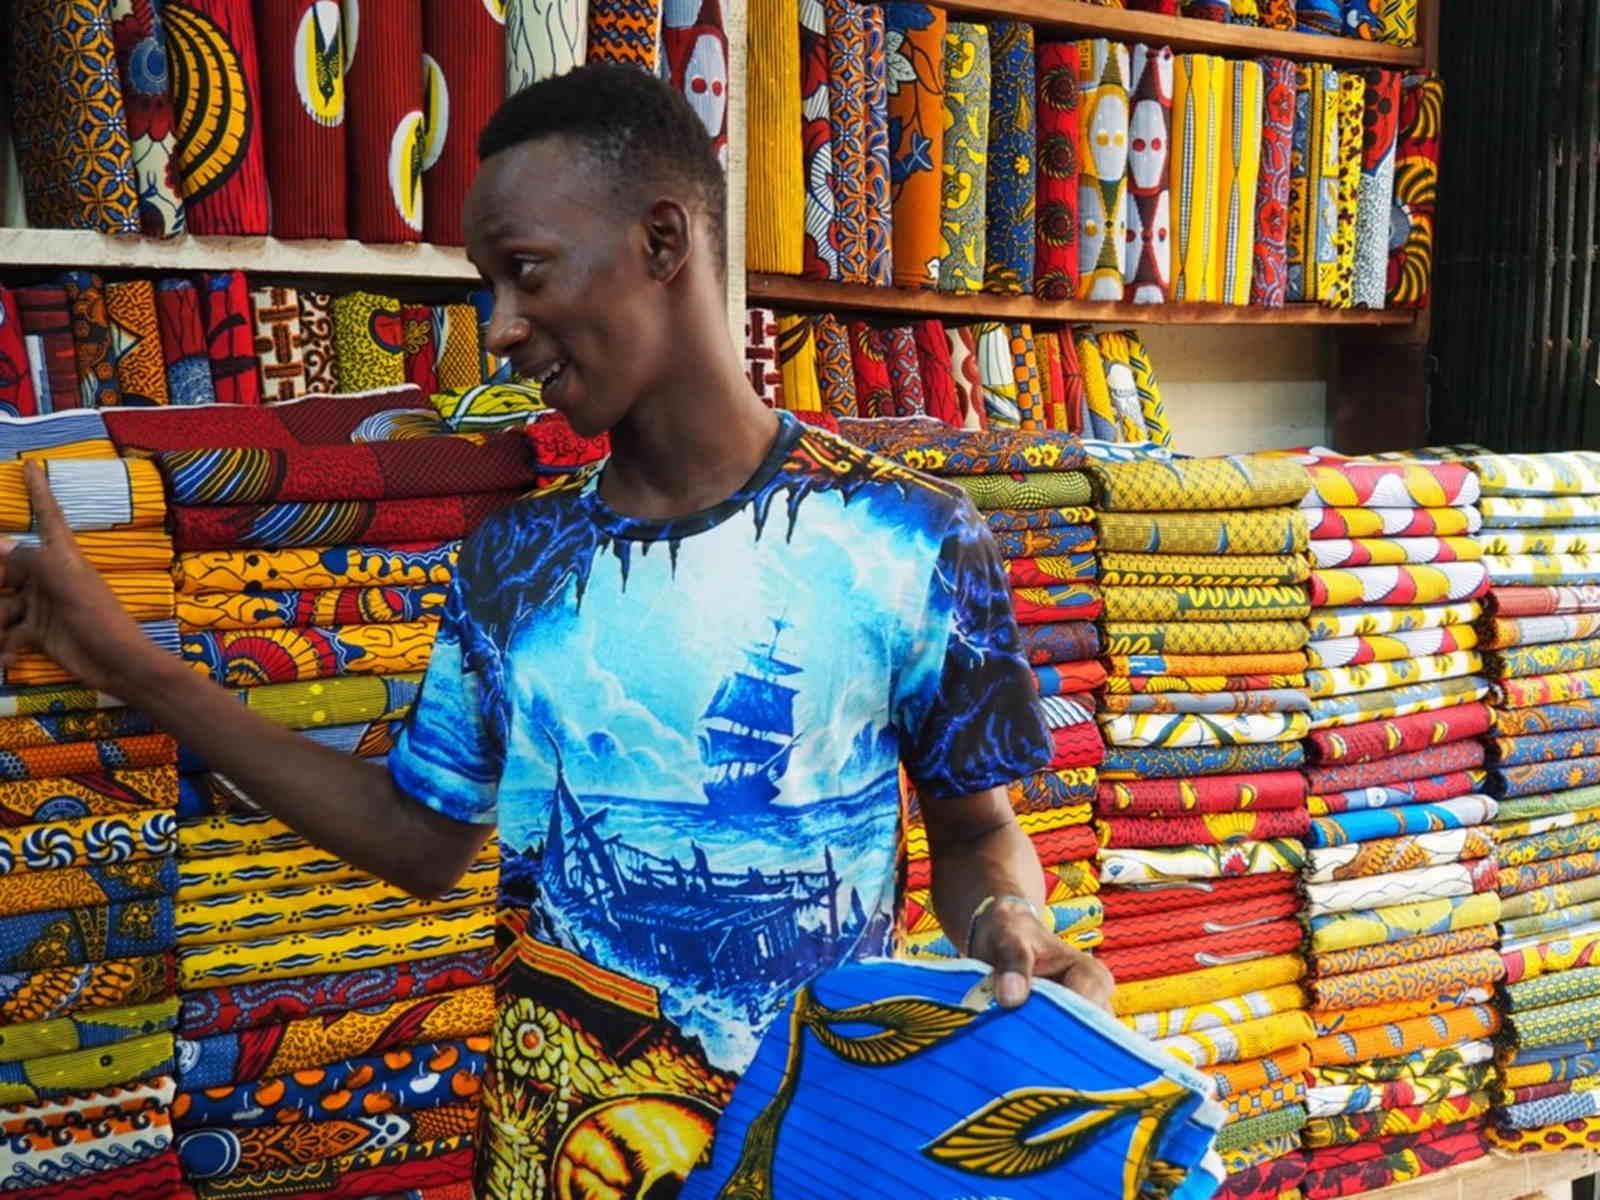 Voyage dans les coulisses de fabrication d'une basket Panafrica - tissu - wax -homme